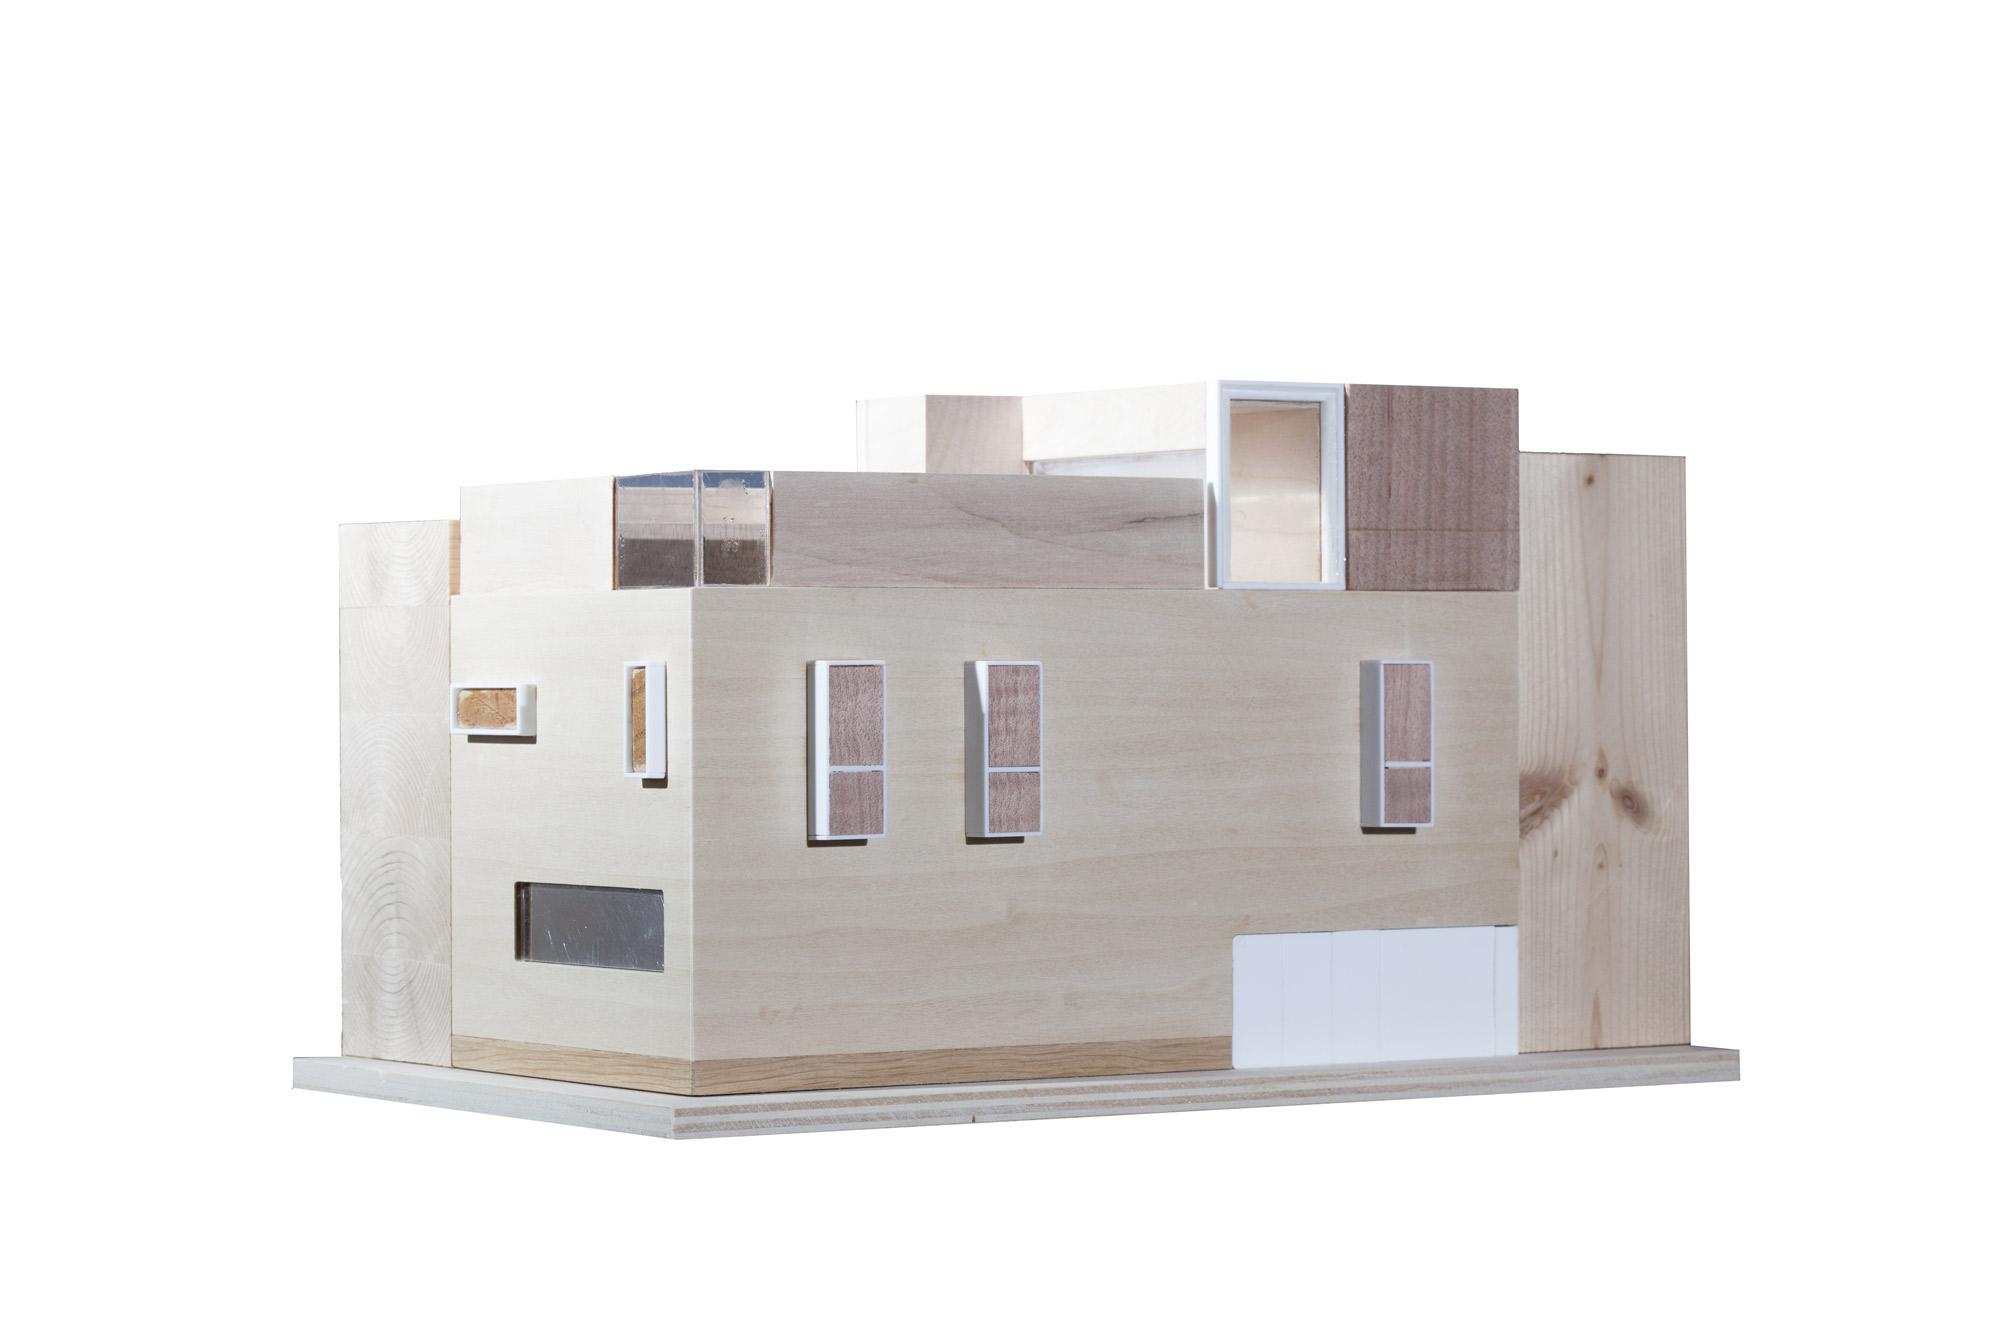 Concept moramarco+ventrella architetti